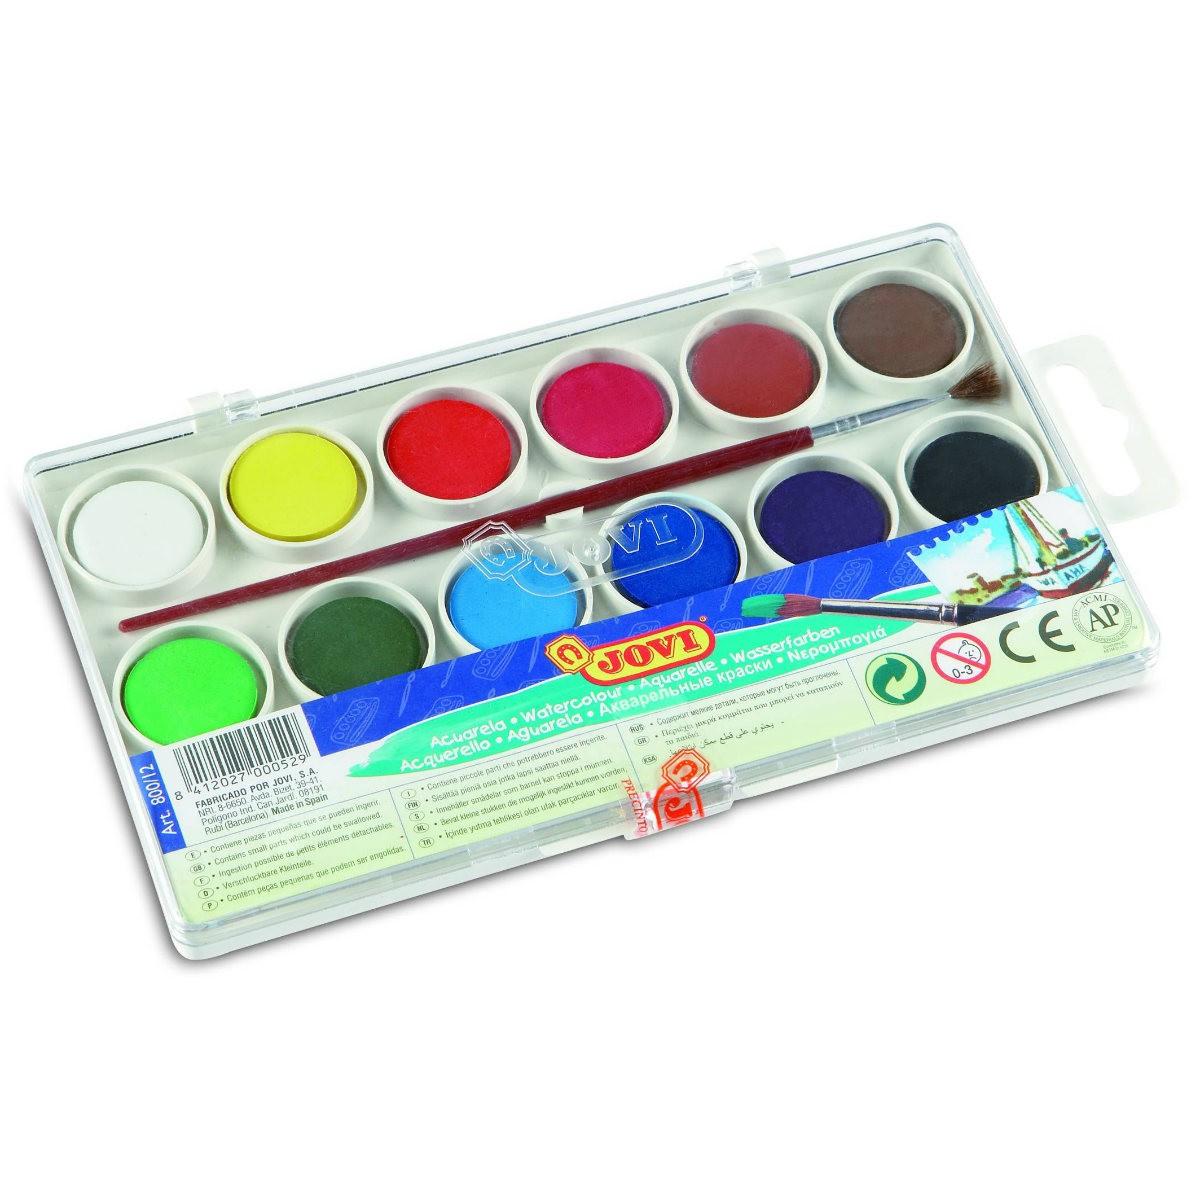 JOVI Tuschkasten - Deckfarbkasten für Kinder - Wasserfarbkasten 12 Farben 22mm